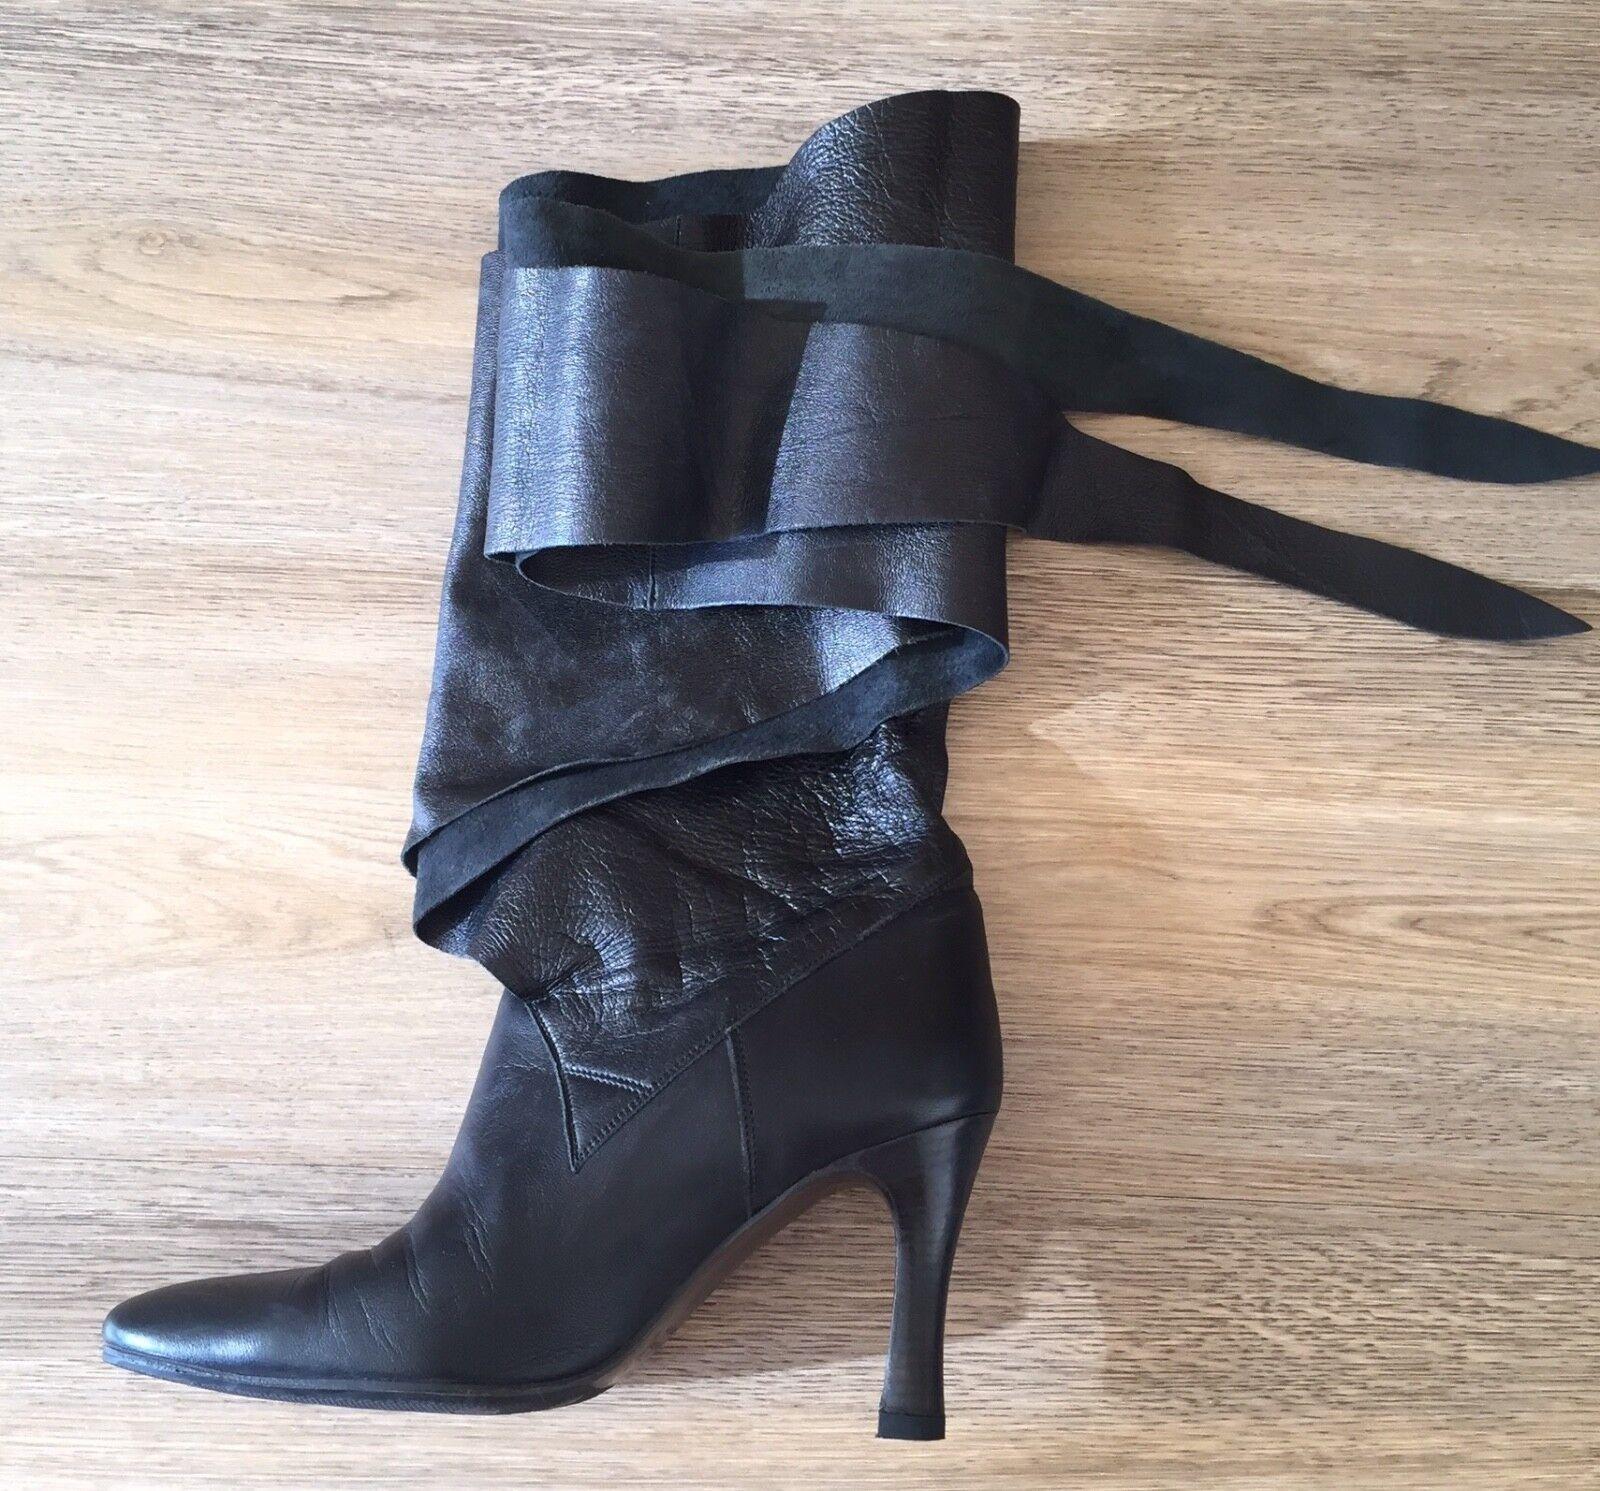 outlet in vendita Org. 650 Jill Stuart  Wrap up Leather stivali stivali stivali Dimensione 38IT Very Dark Marrone  offerta speciale